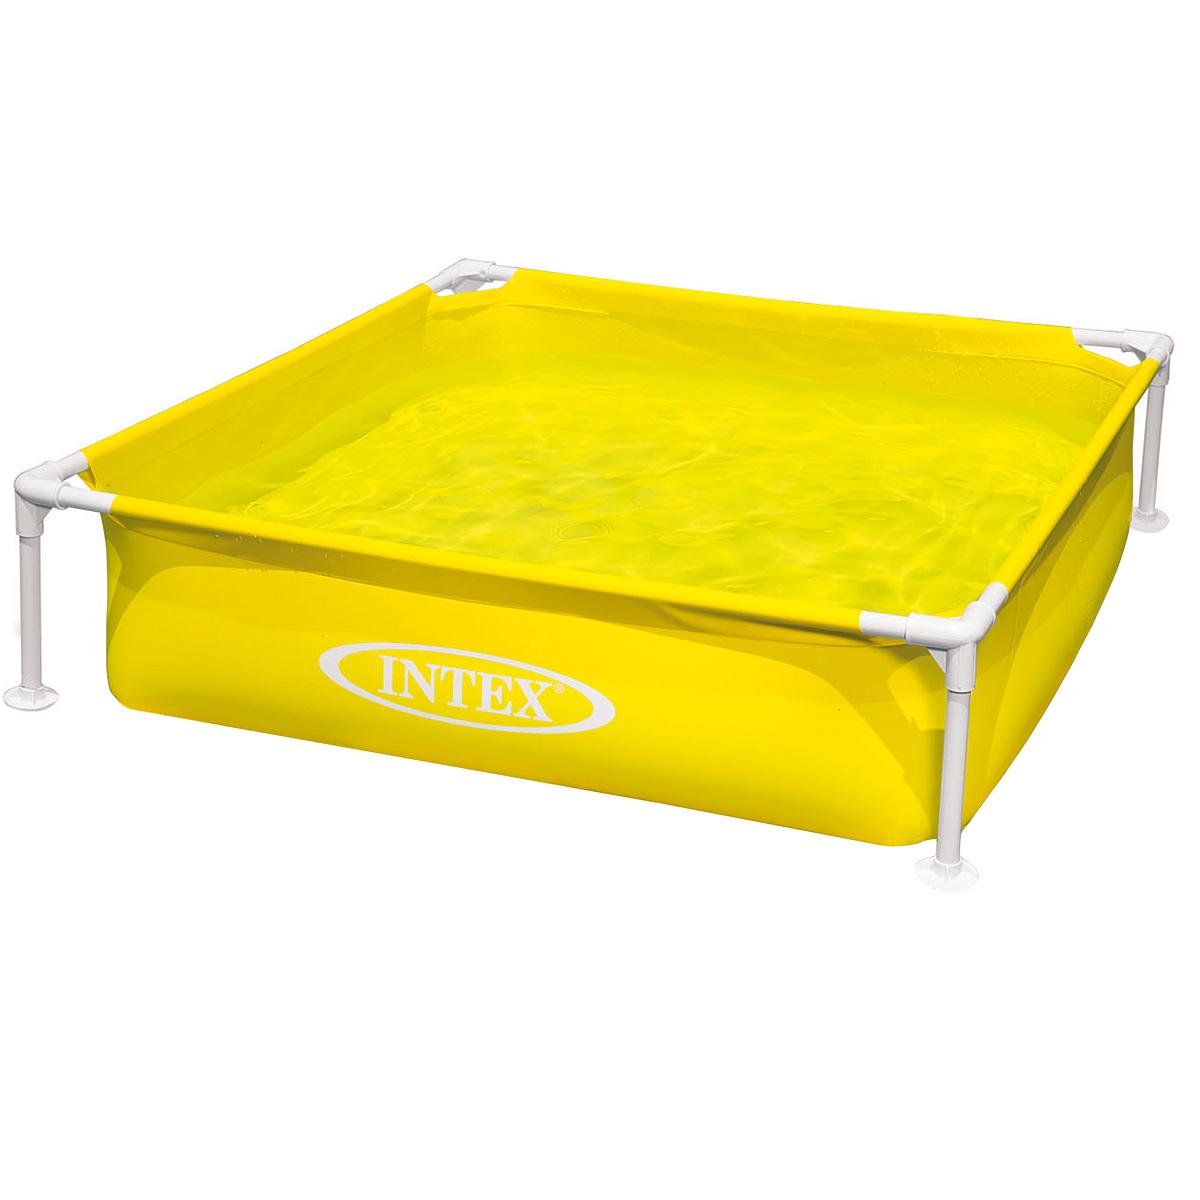 Бассейн Intex,каркасный, цвет: желтый, 122 см х 30 смint57171NP_желтыйДетский каркасный бассейн Intex будет просто незаменим в летний жаркий день дома или на даче. Бассейн квадратной формы выполнен из прочного винила, дополнительную прочность обеспечивает стальной каркас. Такая конструкция позволяет бассейну выдерживать большие нагрузки при одновременном купании в нем нескольких детей. Дополнительную устойчивость бассейну придают четыре ножки.Яркий бассейн непременно станет для вас не только незаменимым атрибутом летнего отдыха, но и дополнением ландшафтного дизайна участка. В комплект с бассейном входит специальная заплатка для ремонта в случае прокола. Гарантия производителя: 30 дней.